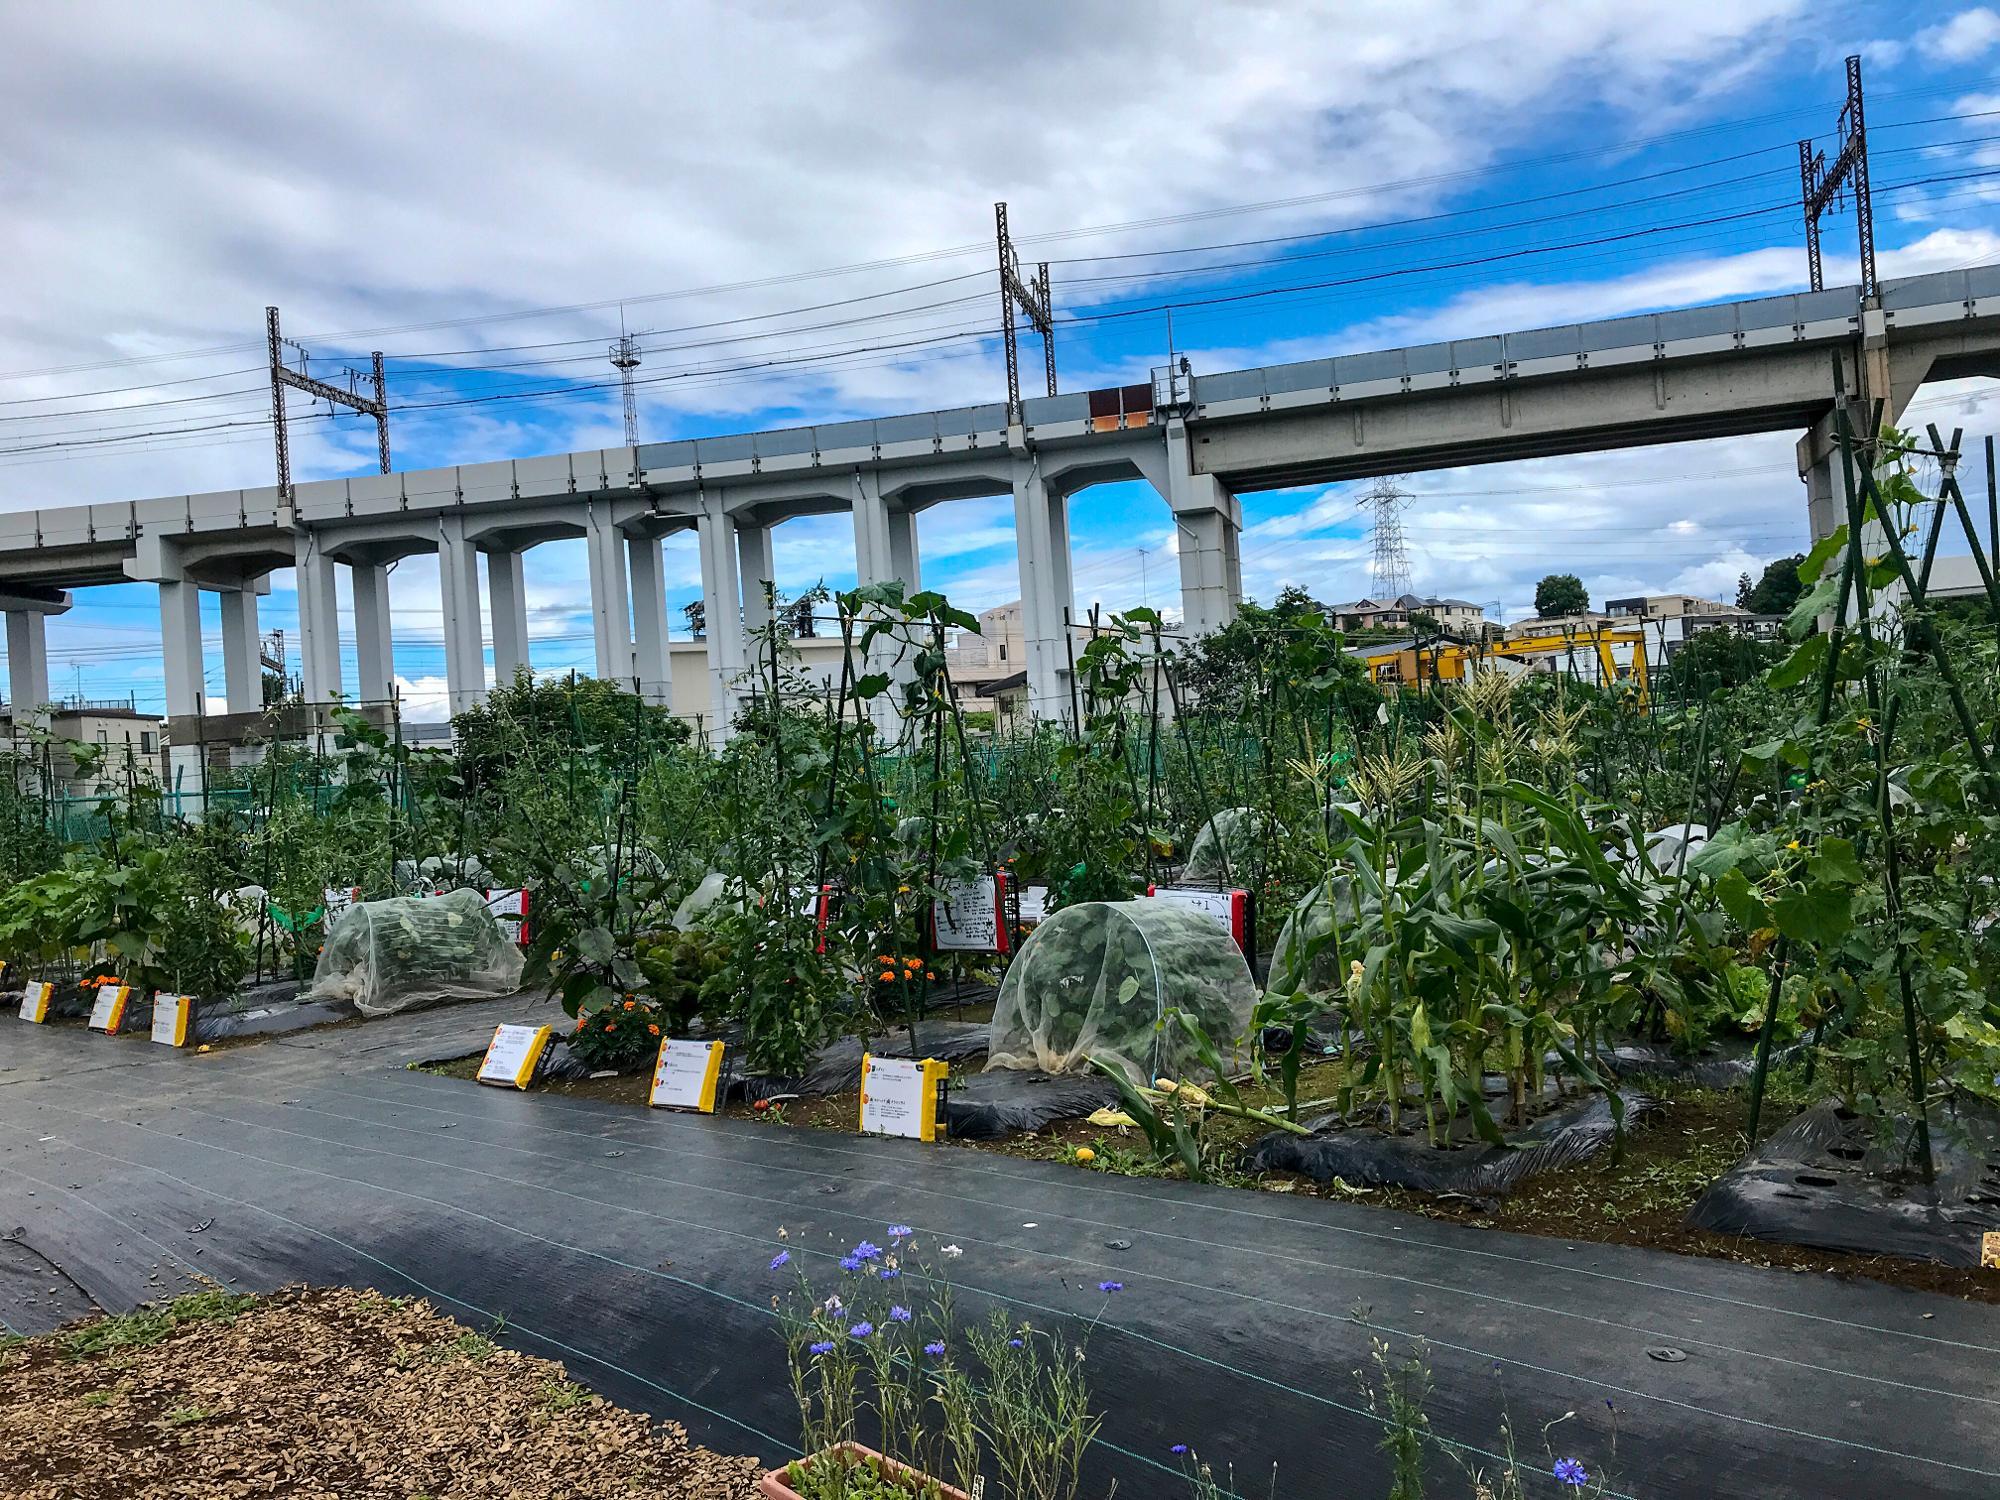 オーナーさんによって育てる野菜は様々。中にはお花を育てている区画もありました。